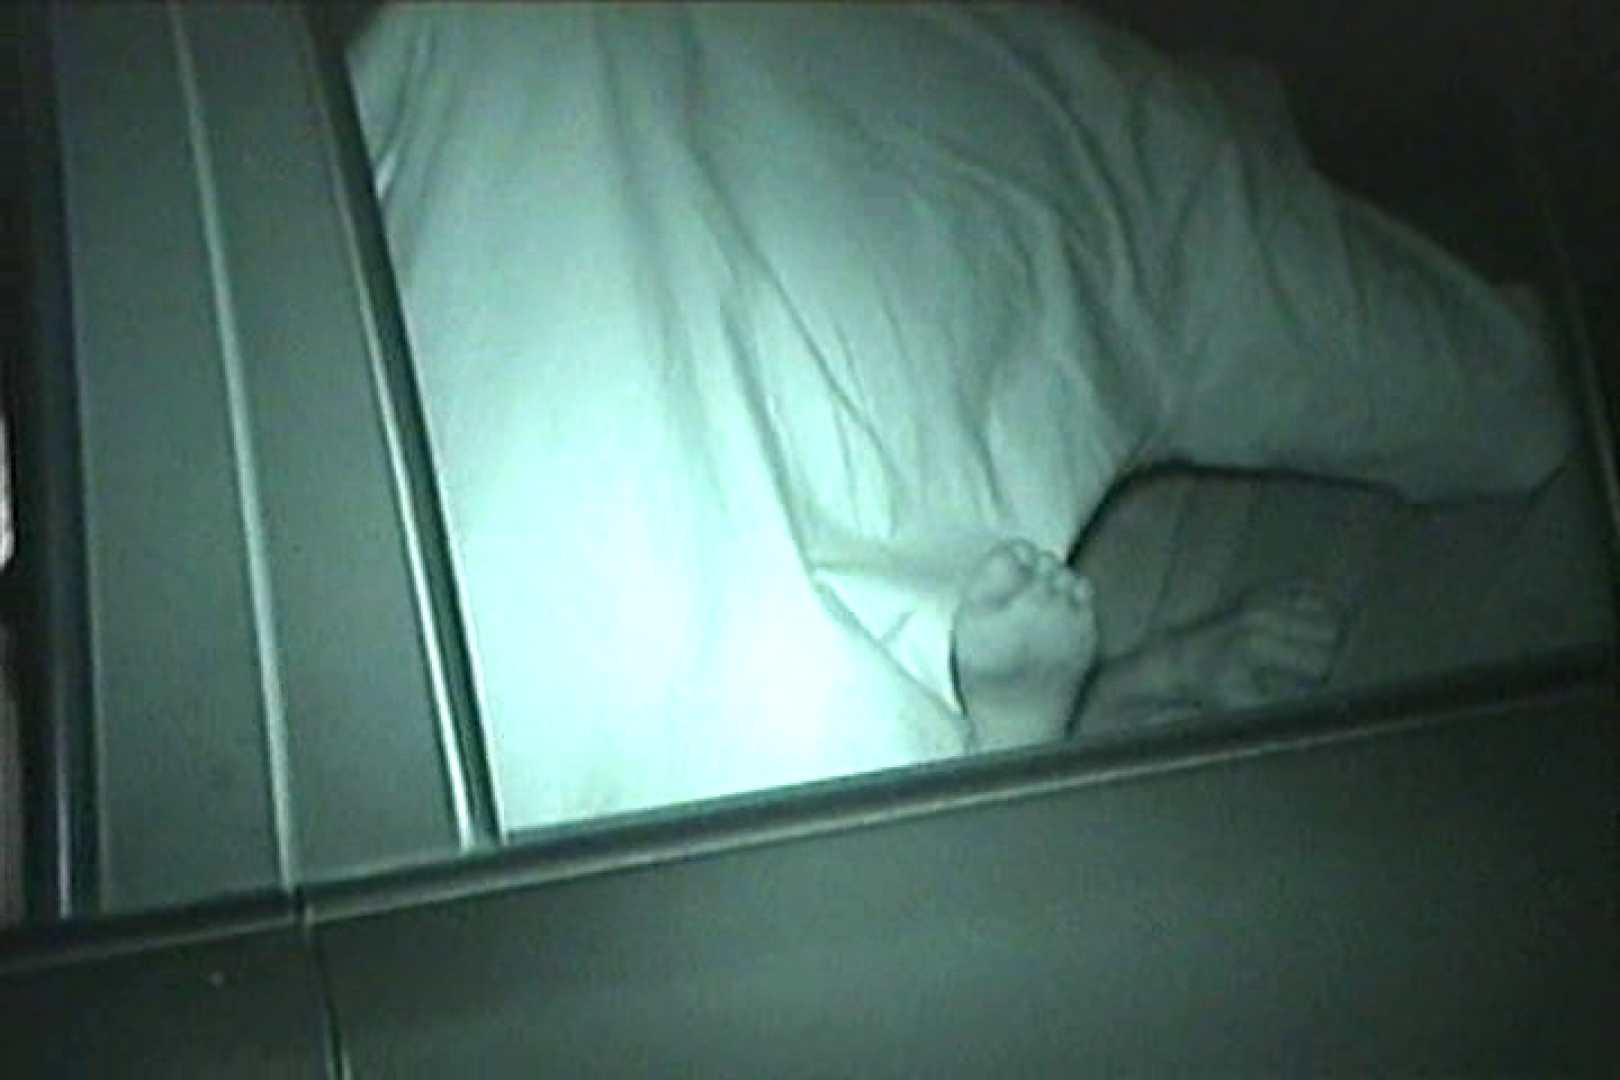 車の中はラブホテル 無修正版  Vol.24 卑猥 オマンコ無修正動画無料 78pic 58